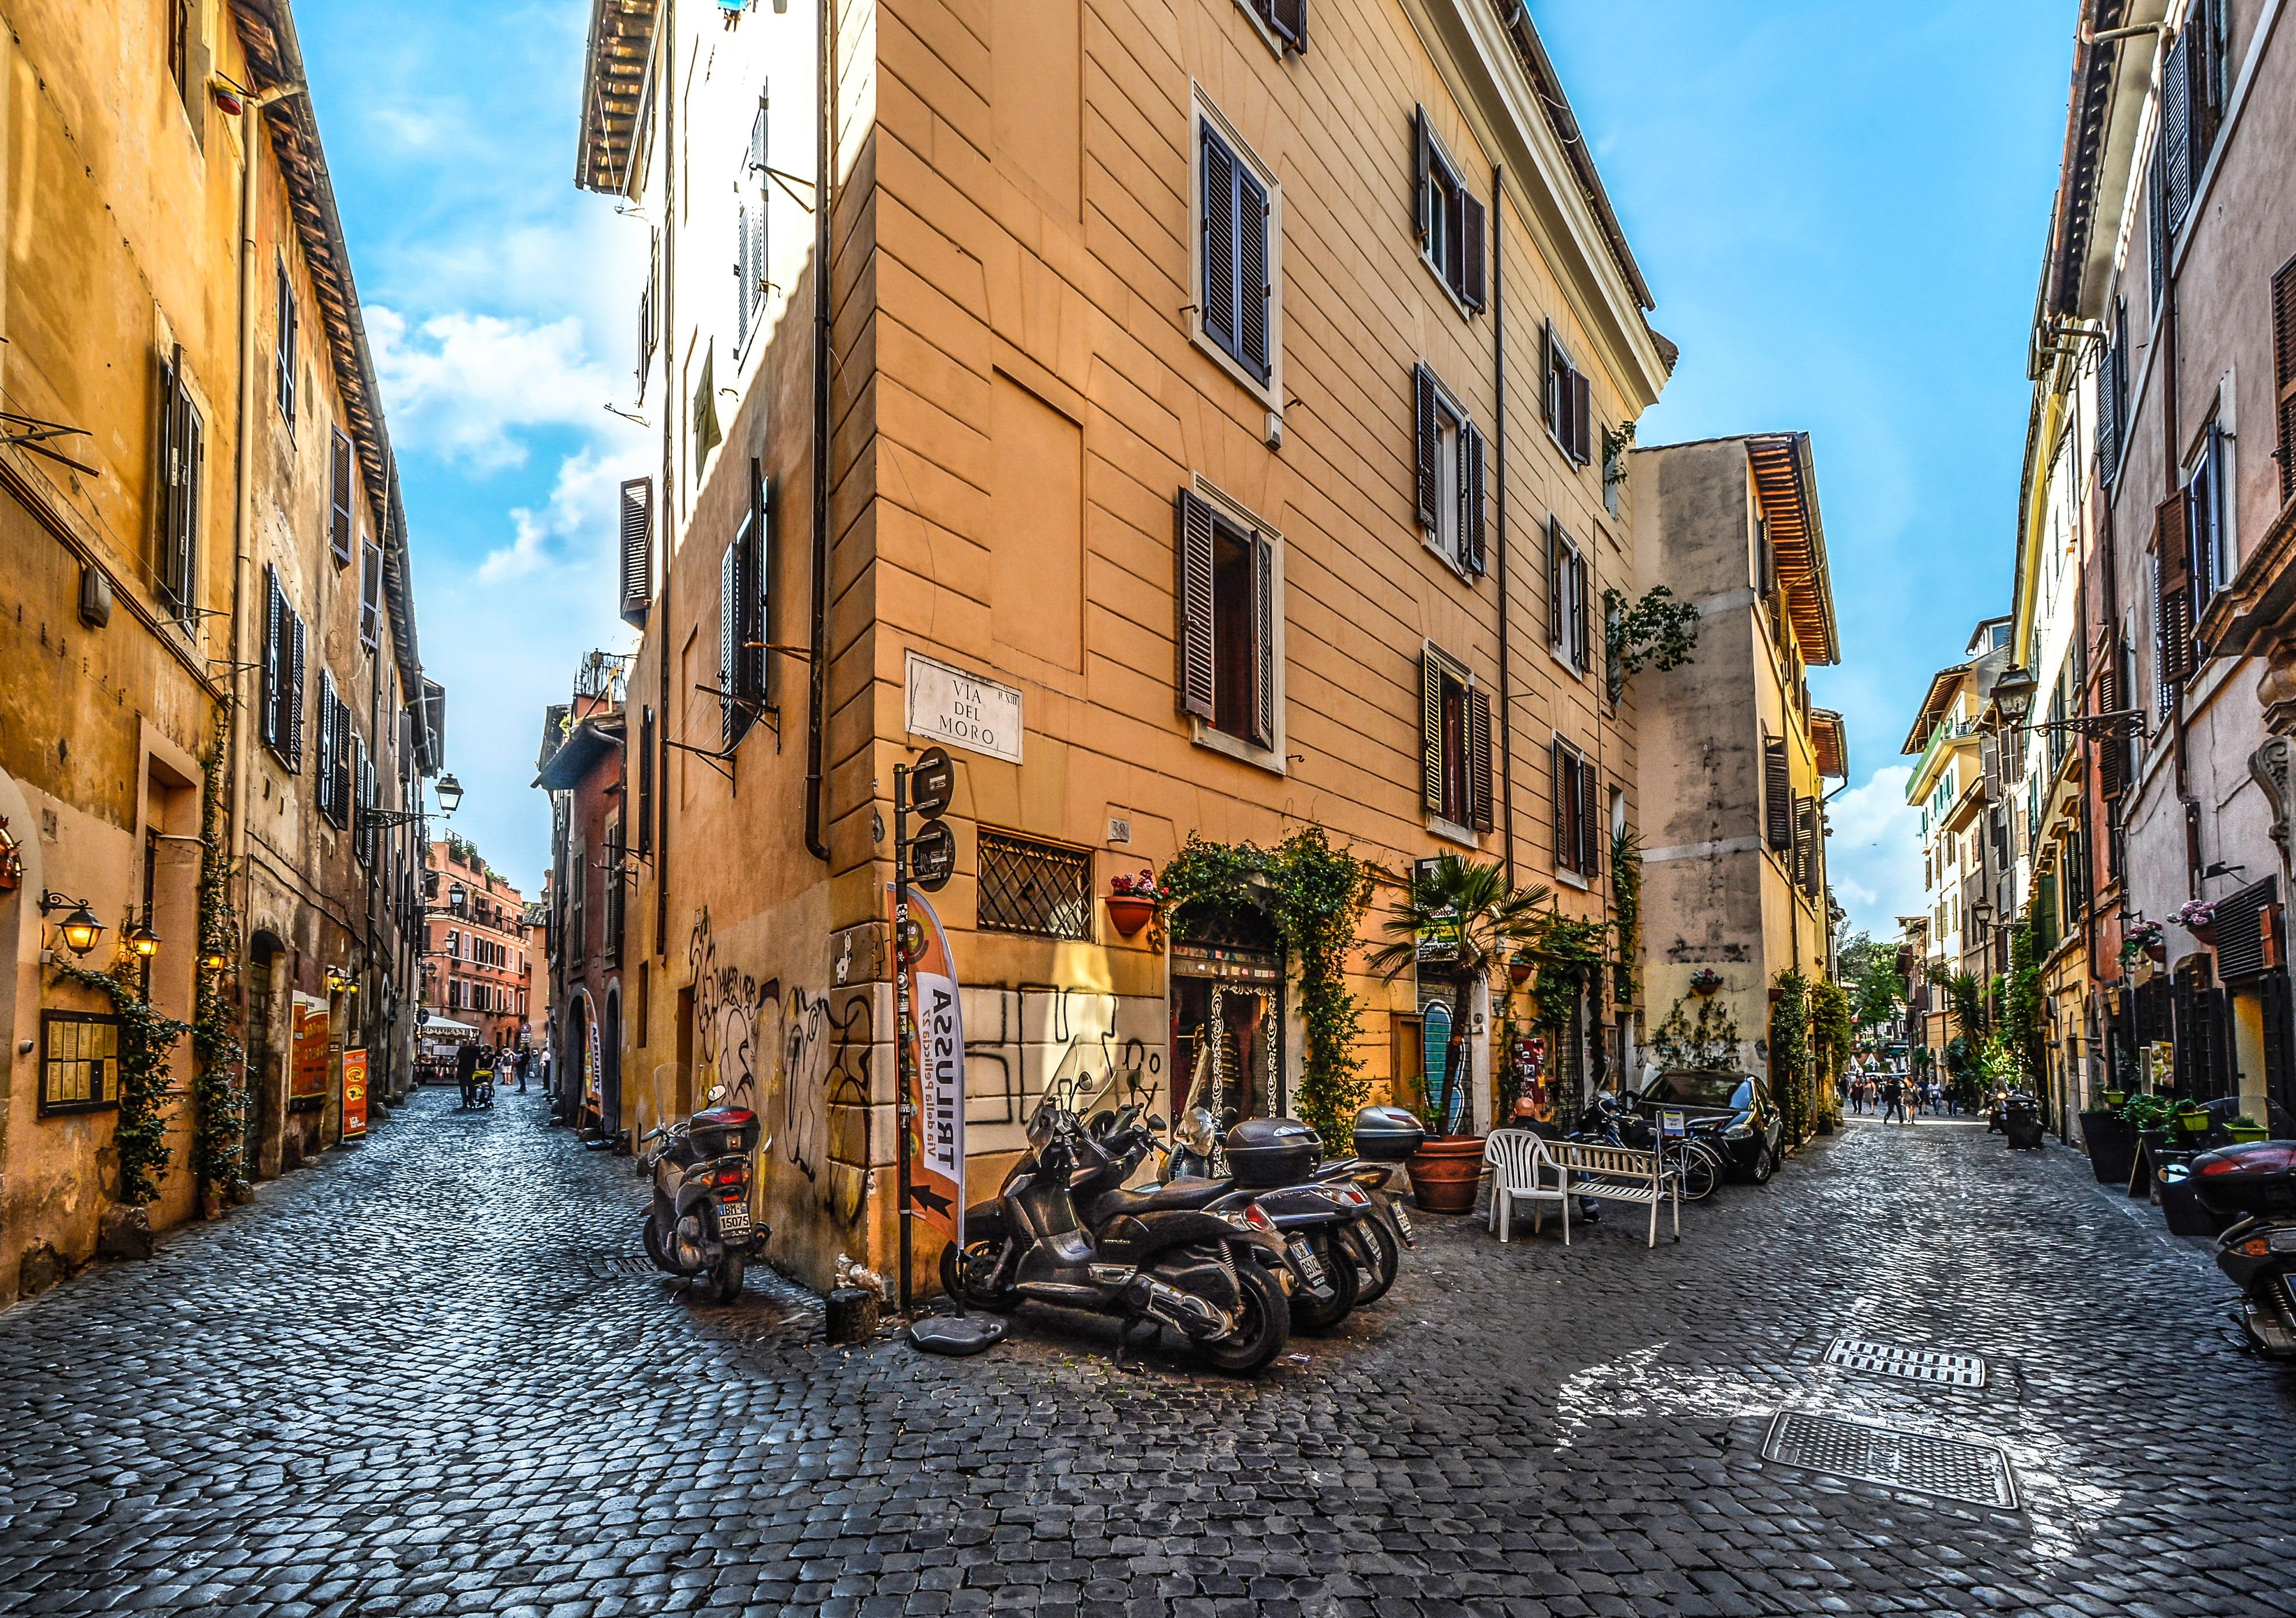 Фото итальянских улиц большого разрешения